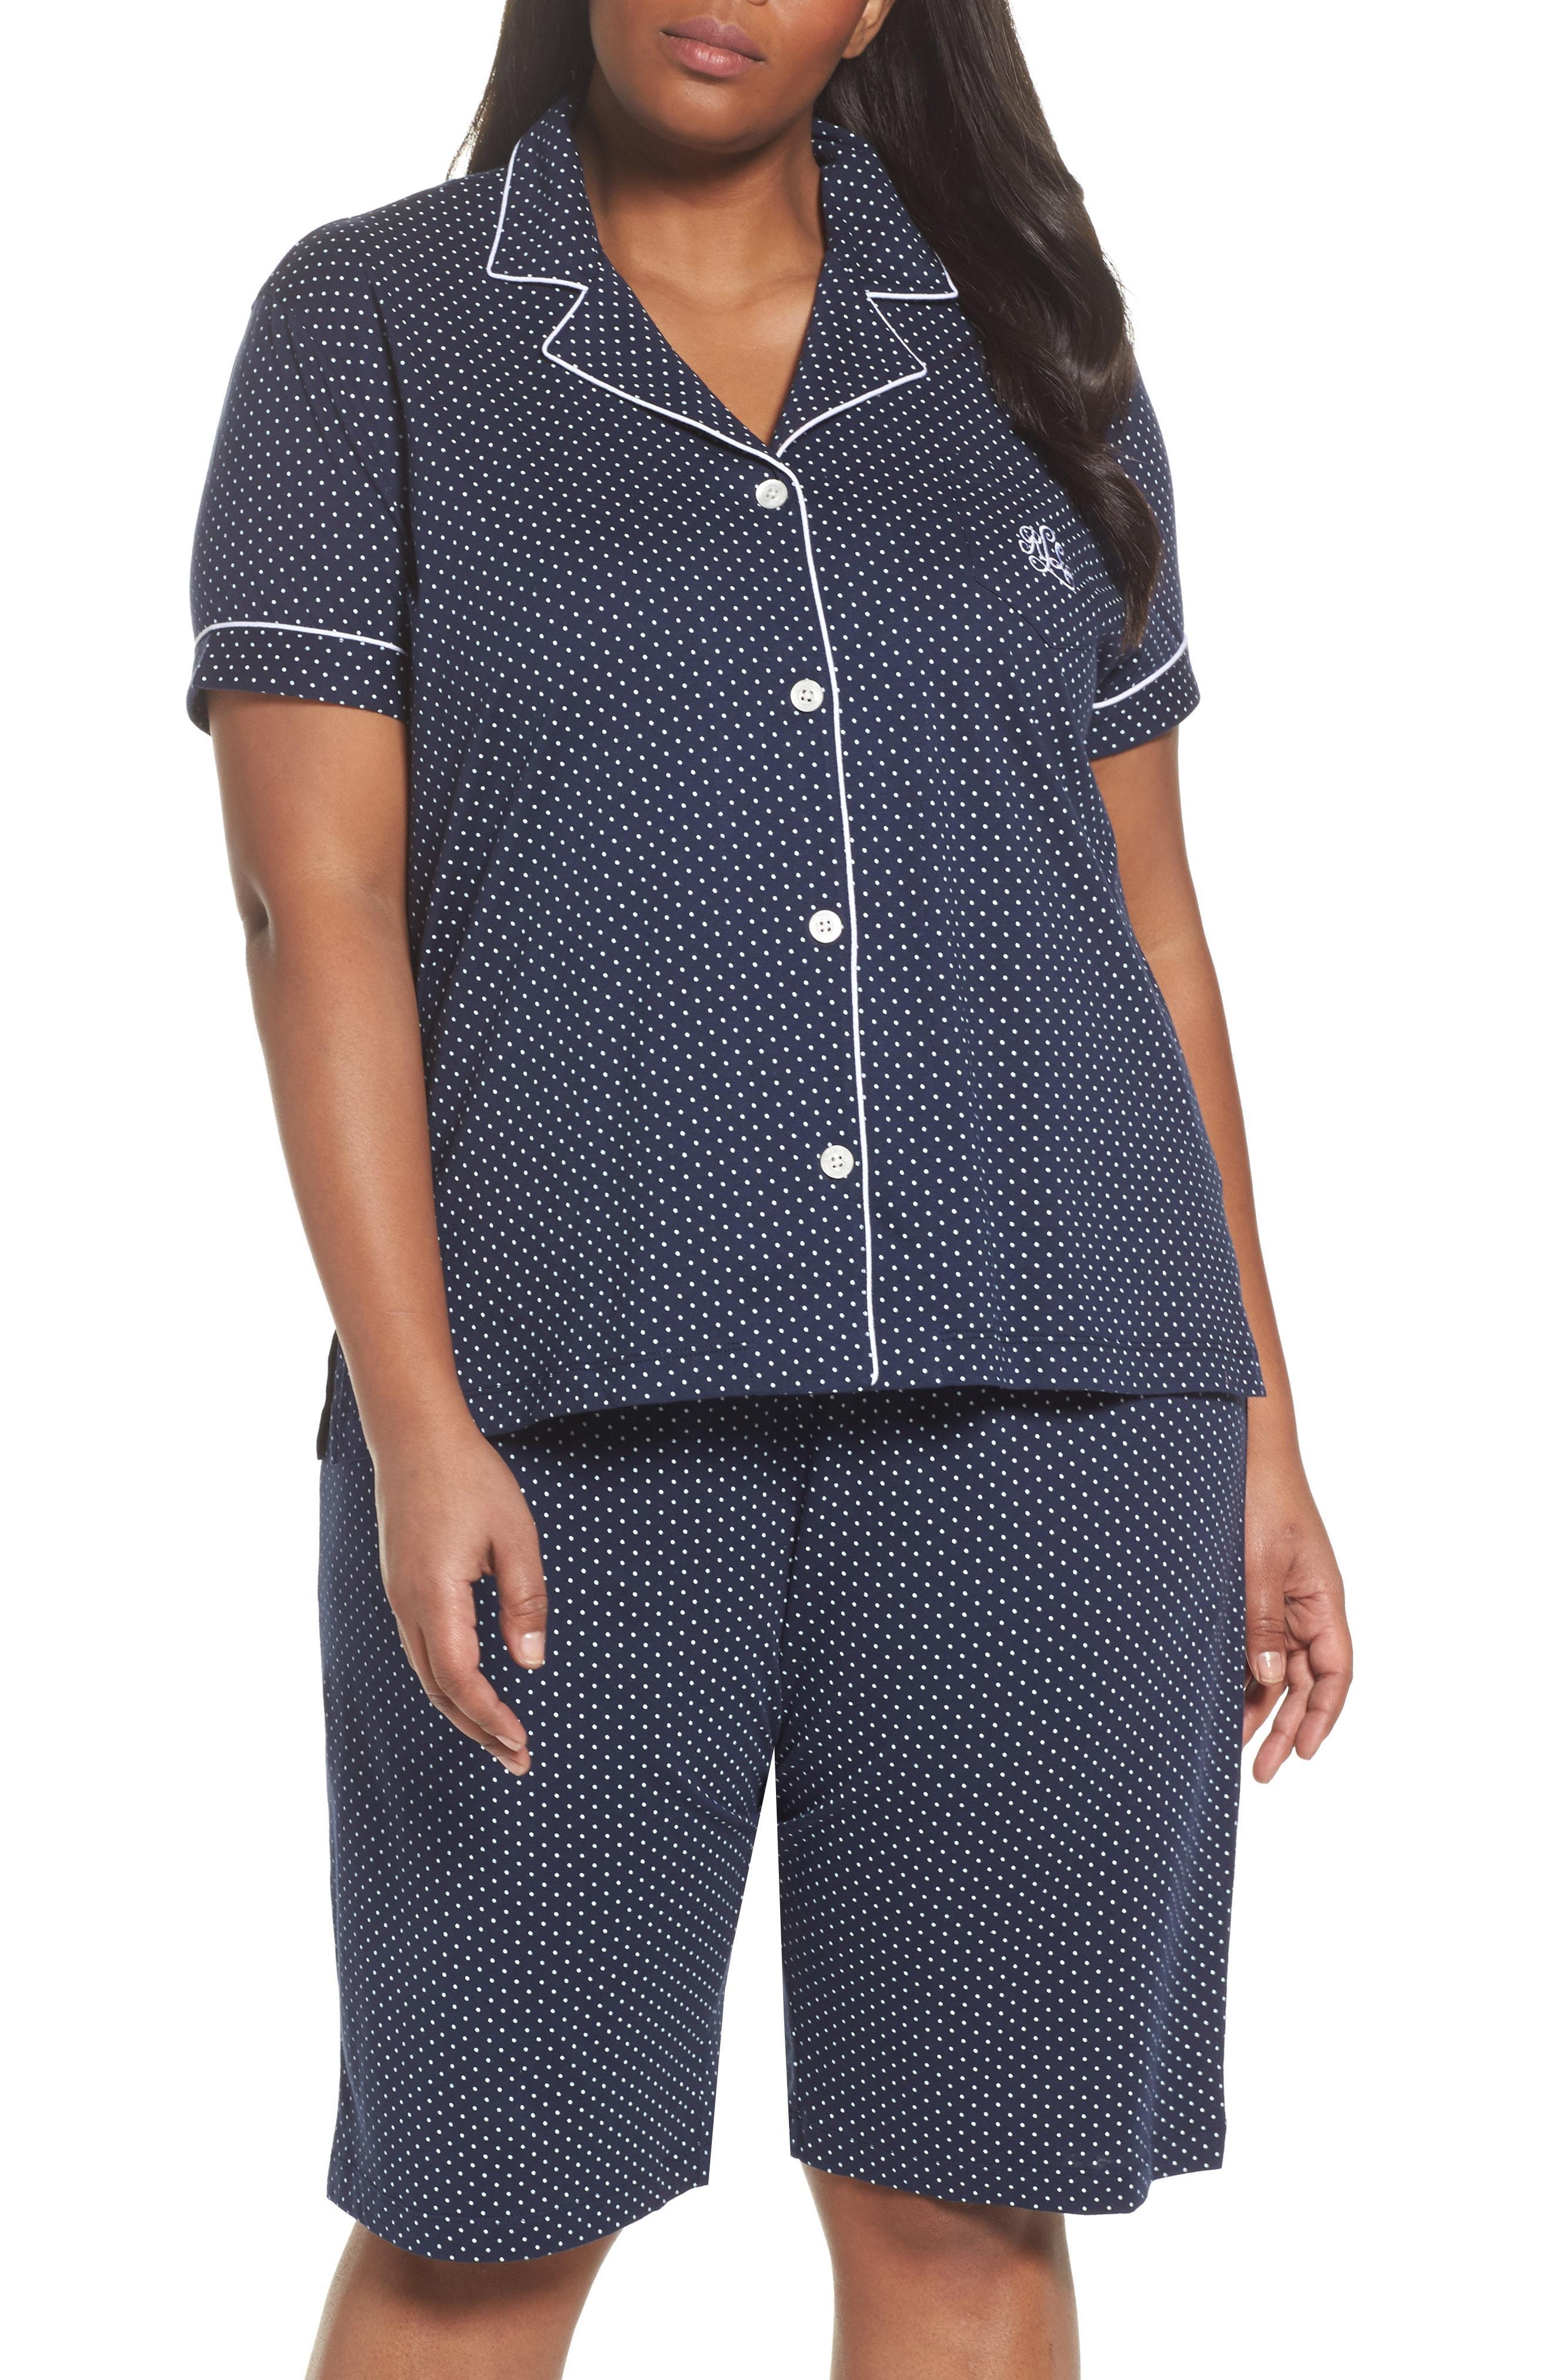 27a75898 Lauren Ralph Lauren Bermuda Short Sleeve Pajama Set In Navy Dot ...